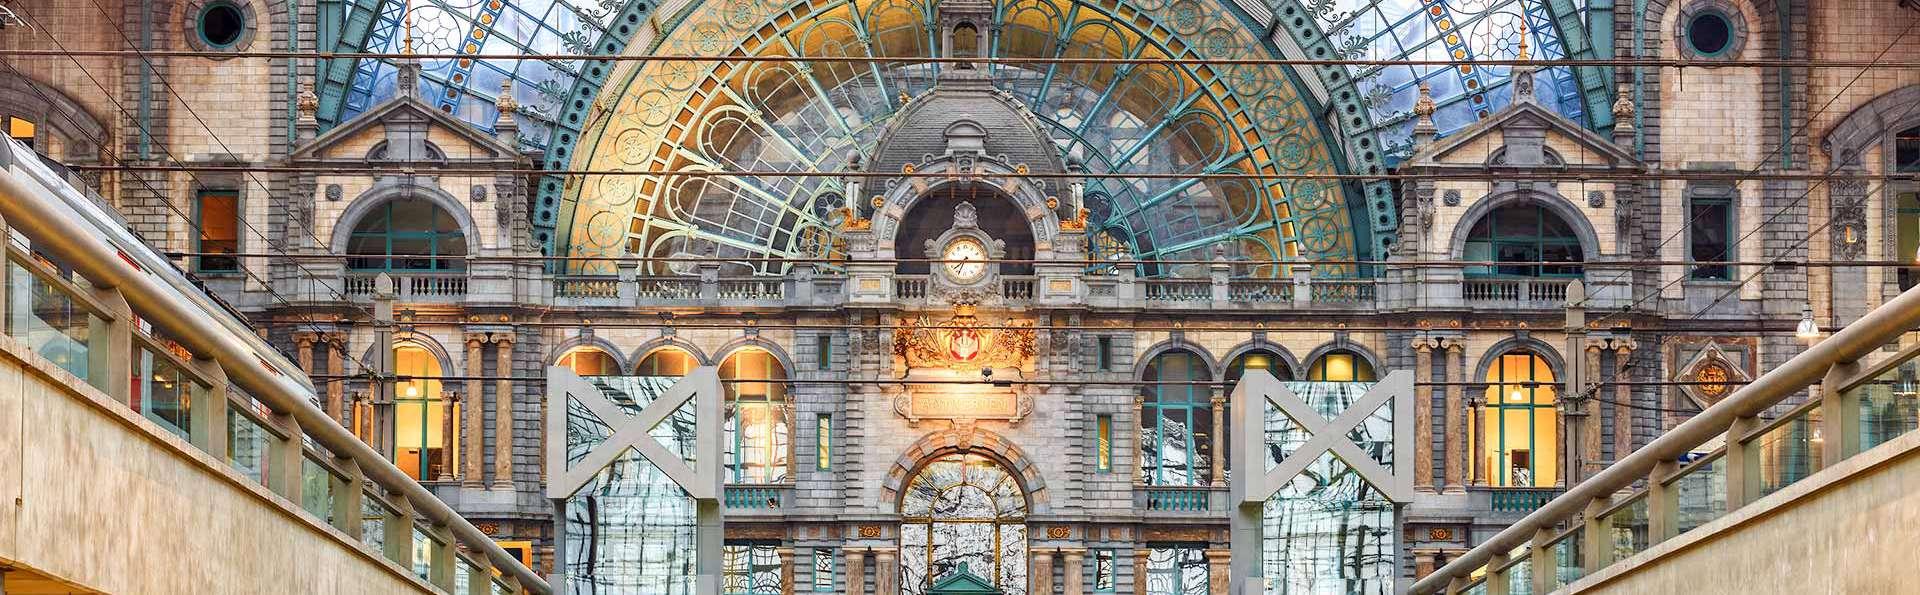 Wandel door de historische straatjes van Antwerpen